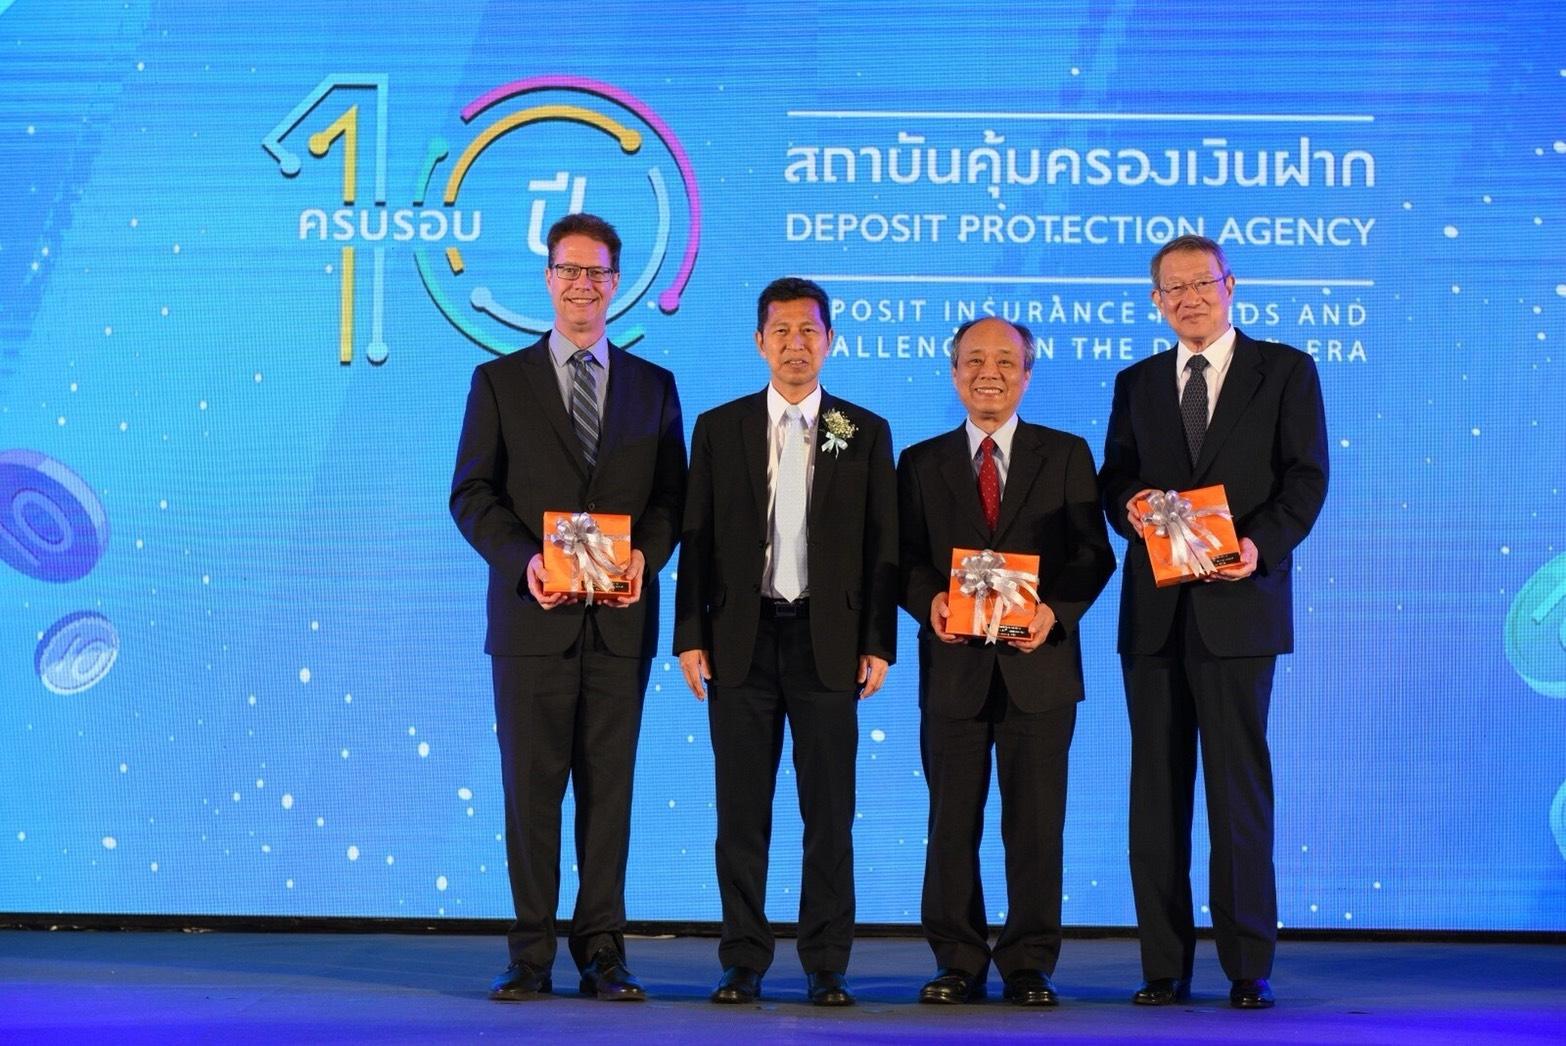 本公司總經理林銘寬(右2)、IADI主席Katsunori Mikuniya (右1)及秘書 長David Walker (左1)與泰國存款保障機構總經理Mr. Satorn Topothai (左2)合影